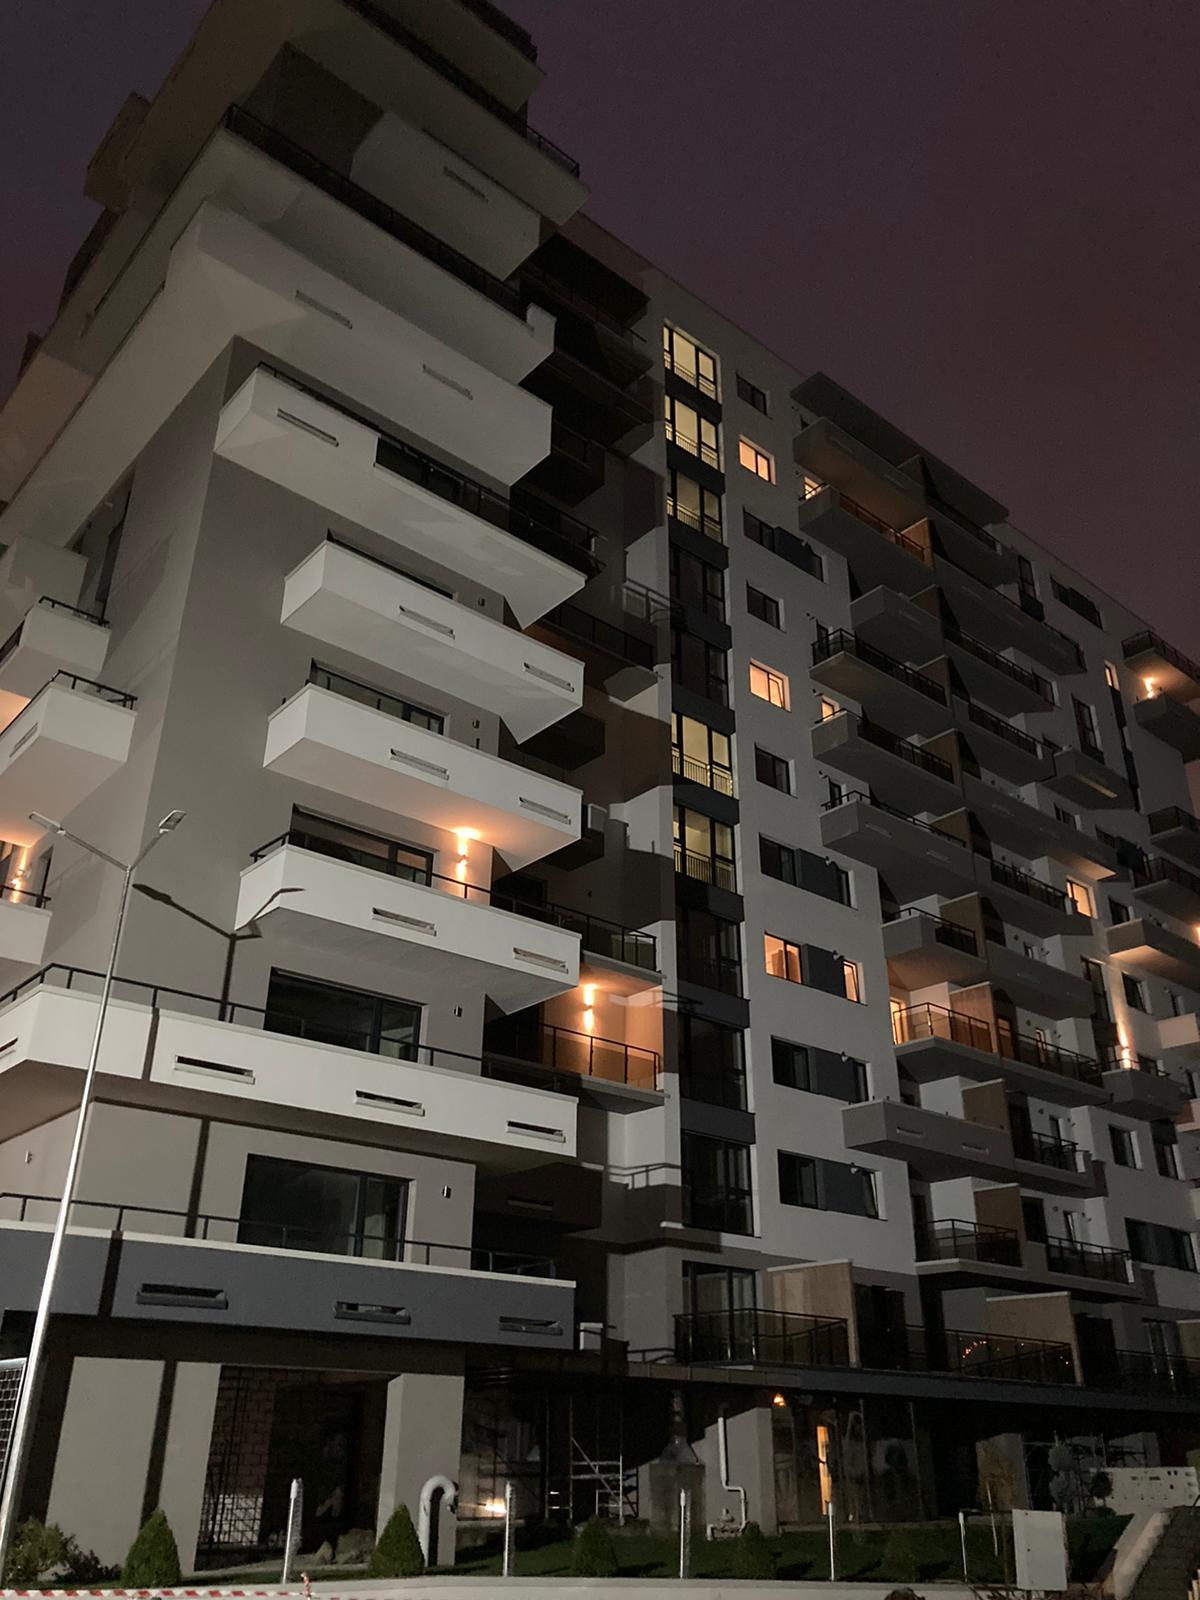 Investiția într-un apartament, oportună pe timp de criză, când și devalorizarea bate la ușă. Chiria poate rămâne un venit sigur – Biz Brasov